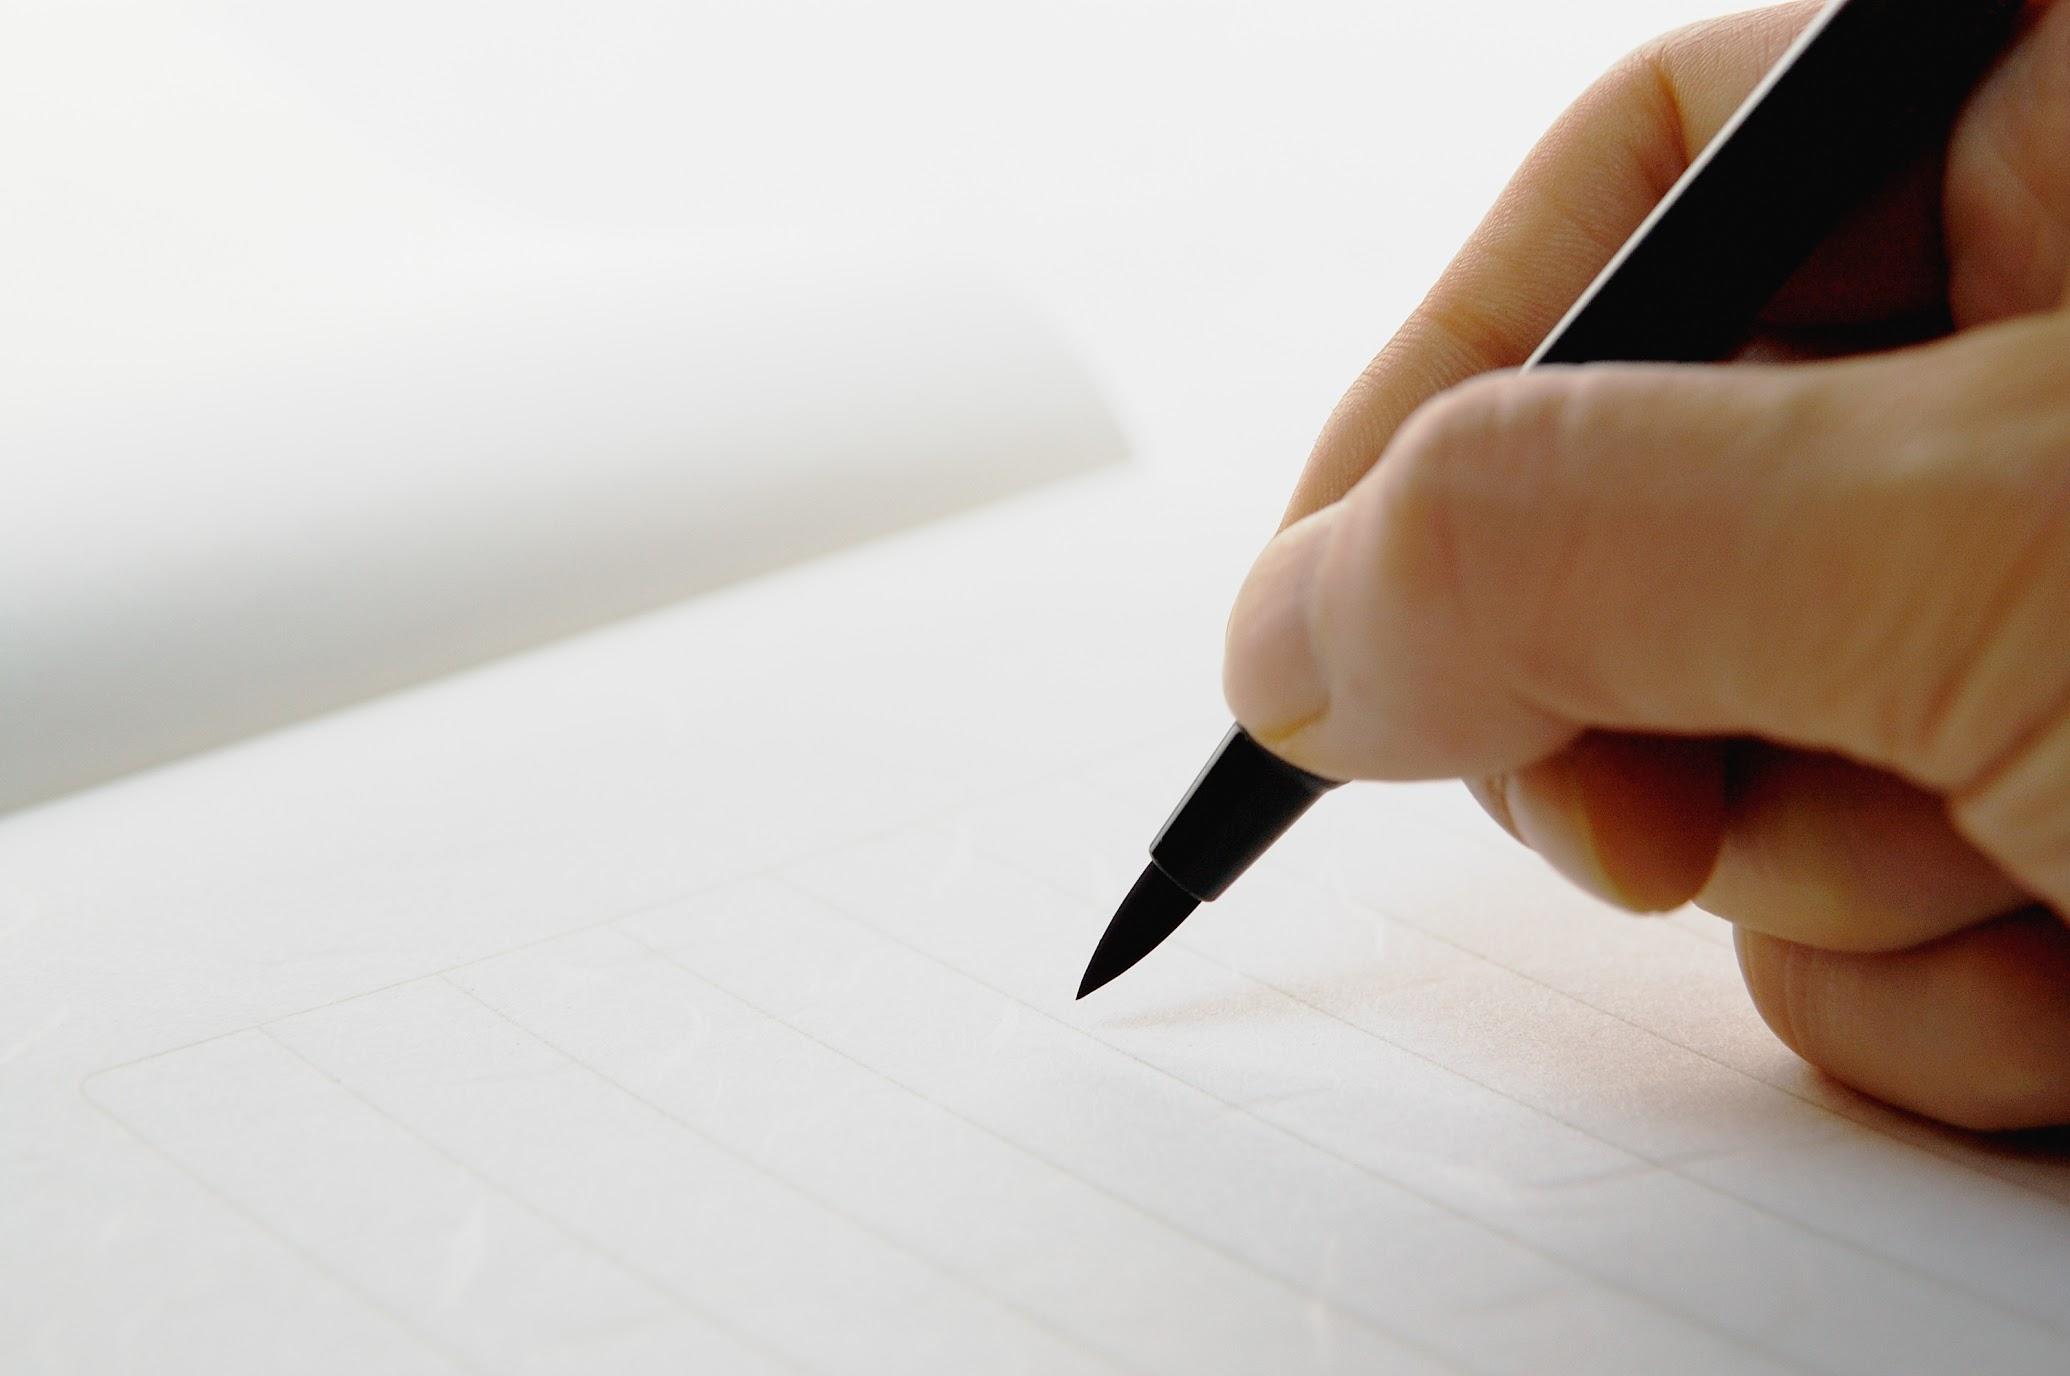 弔辞の用紙はどこで購入できる?|正しい折り方やマナーも解説のサムネイル画像